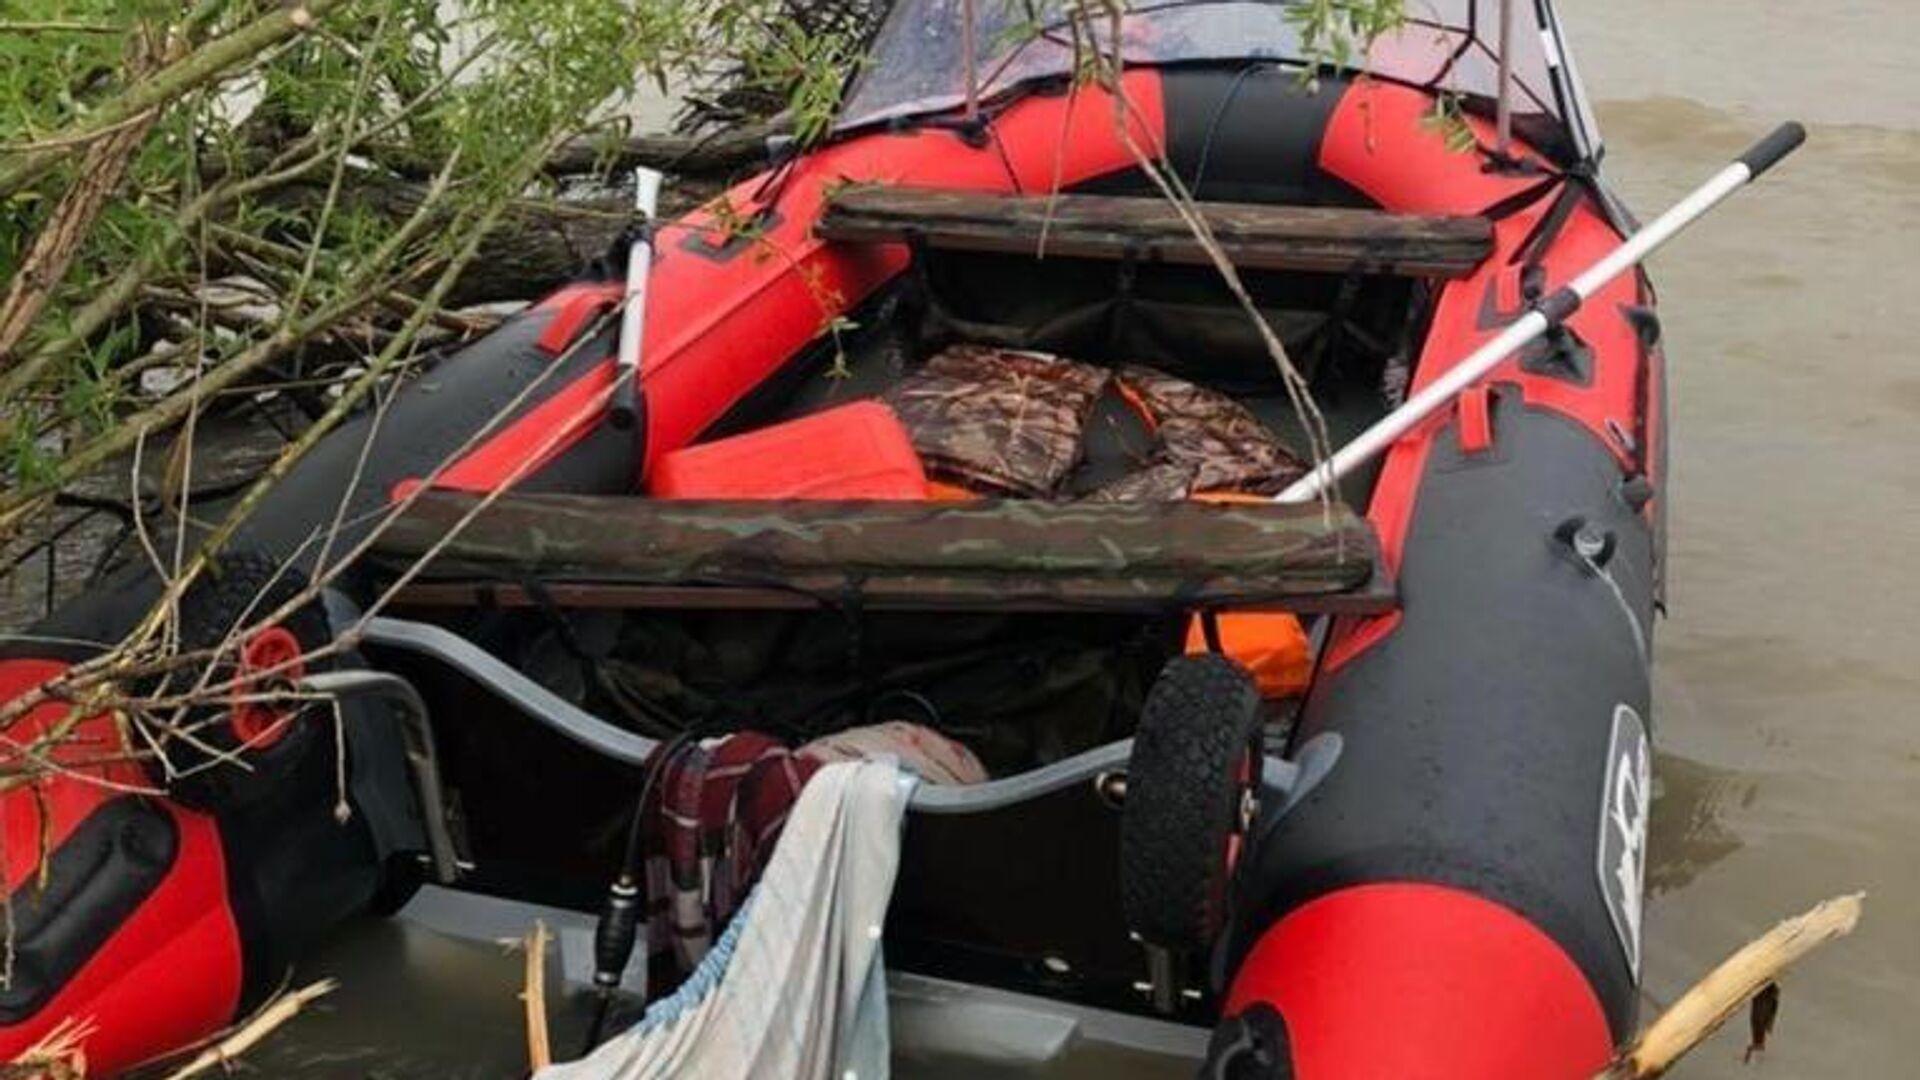 10 июня 2021 года семья из трех человек, включая 3-летнего ребенка  вышла на надувной лодке с мотором  в  акваторию озера Ханка в районе  села  Камень Рыболов Ханкайского района - РИА Новости, 1920, 12.06.2021